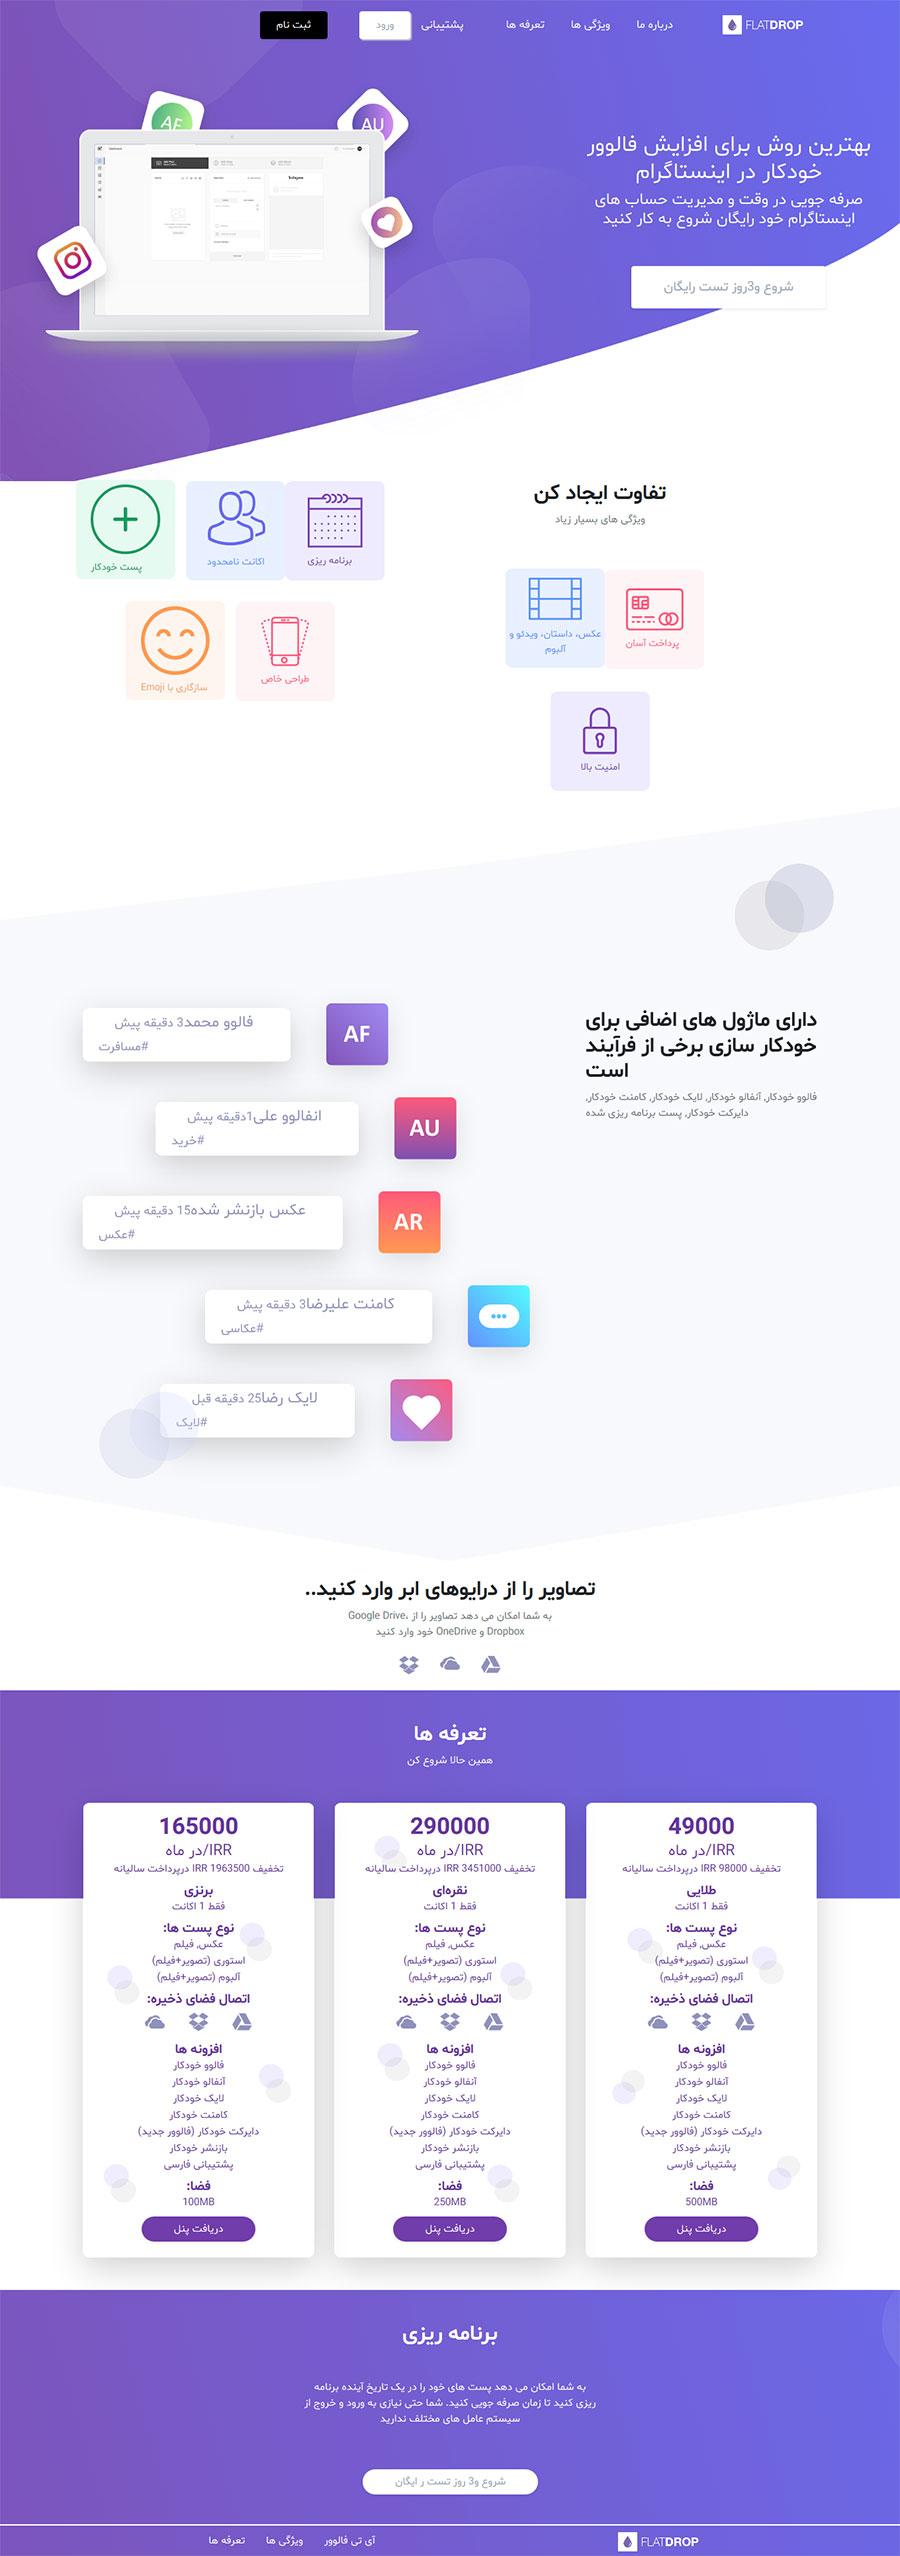 1111 - قالب FlatDrop فارسی برای اسکریپت NextPost